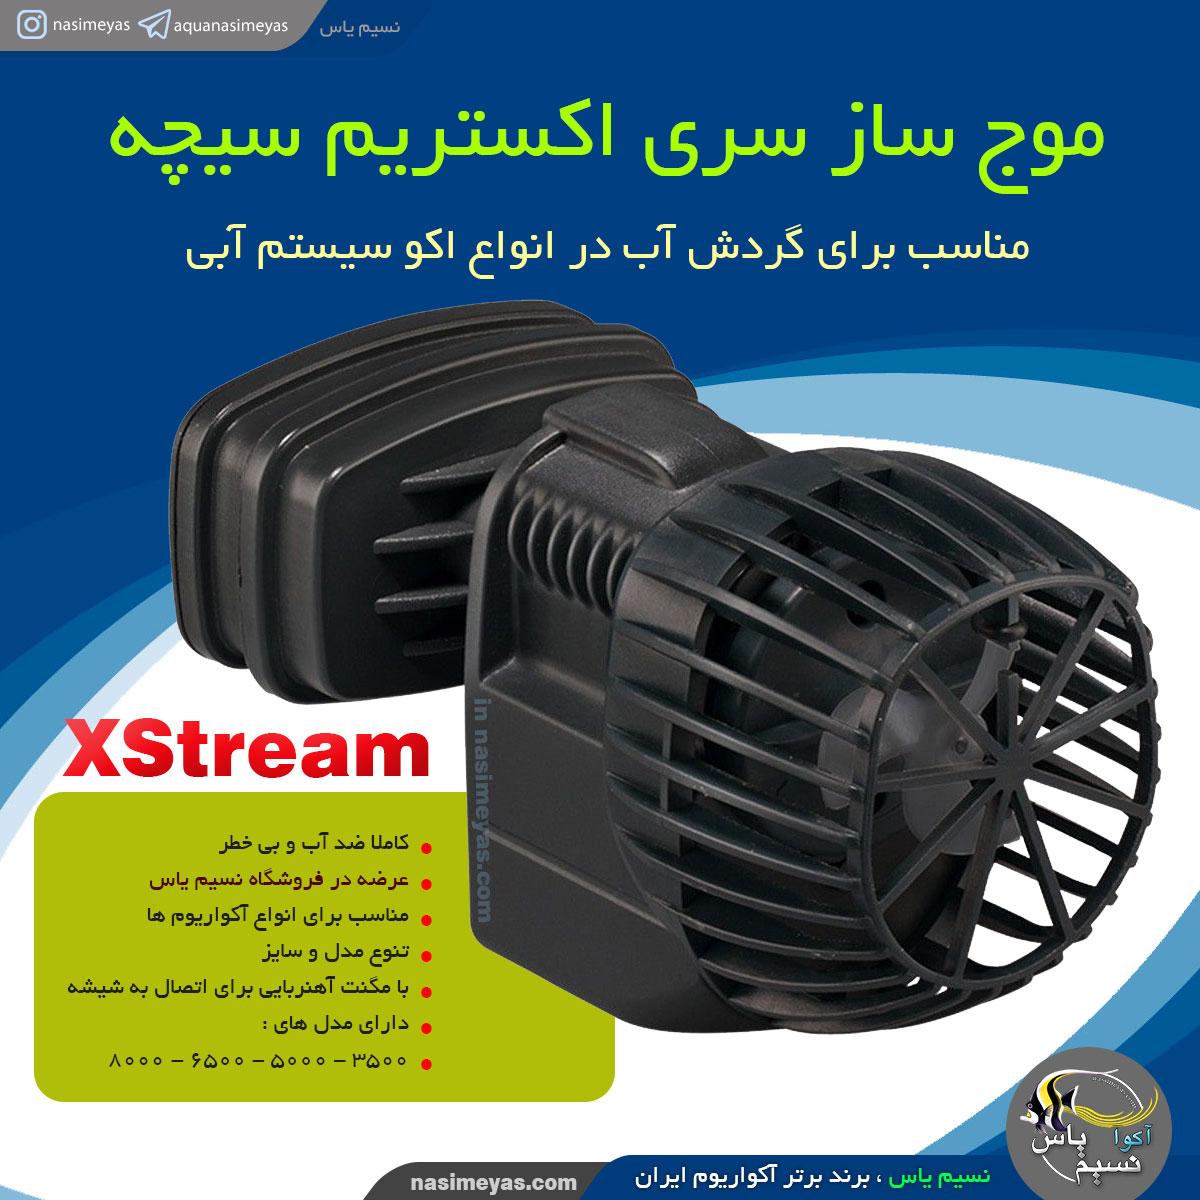 موج ساز اکستریم xstream سیچه